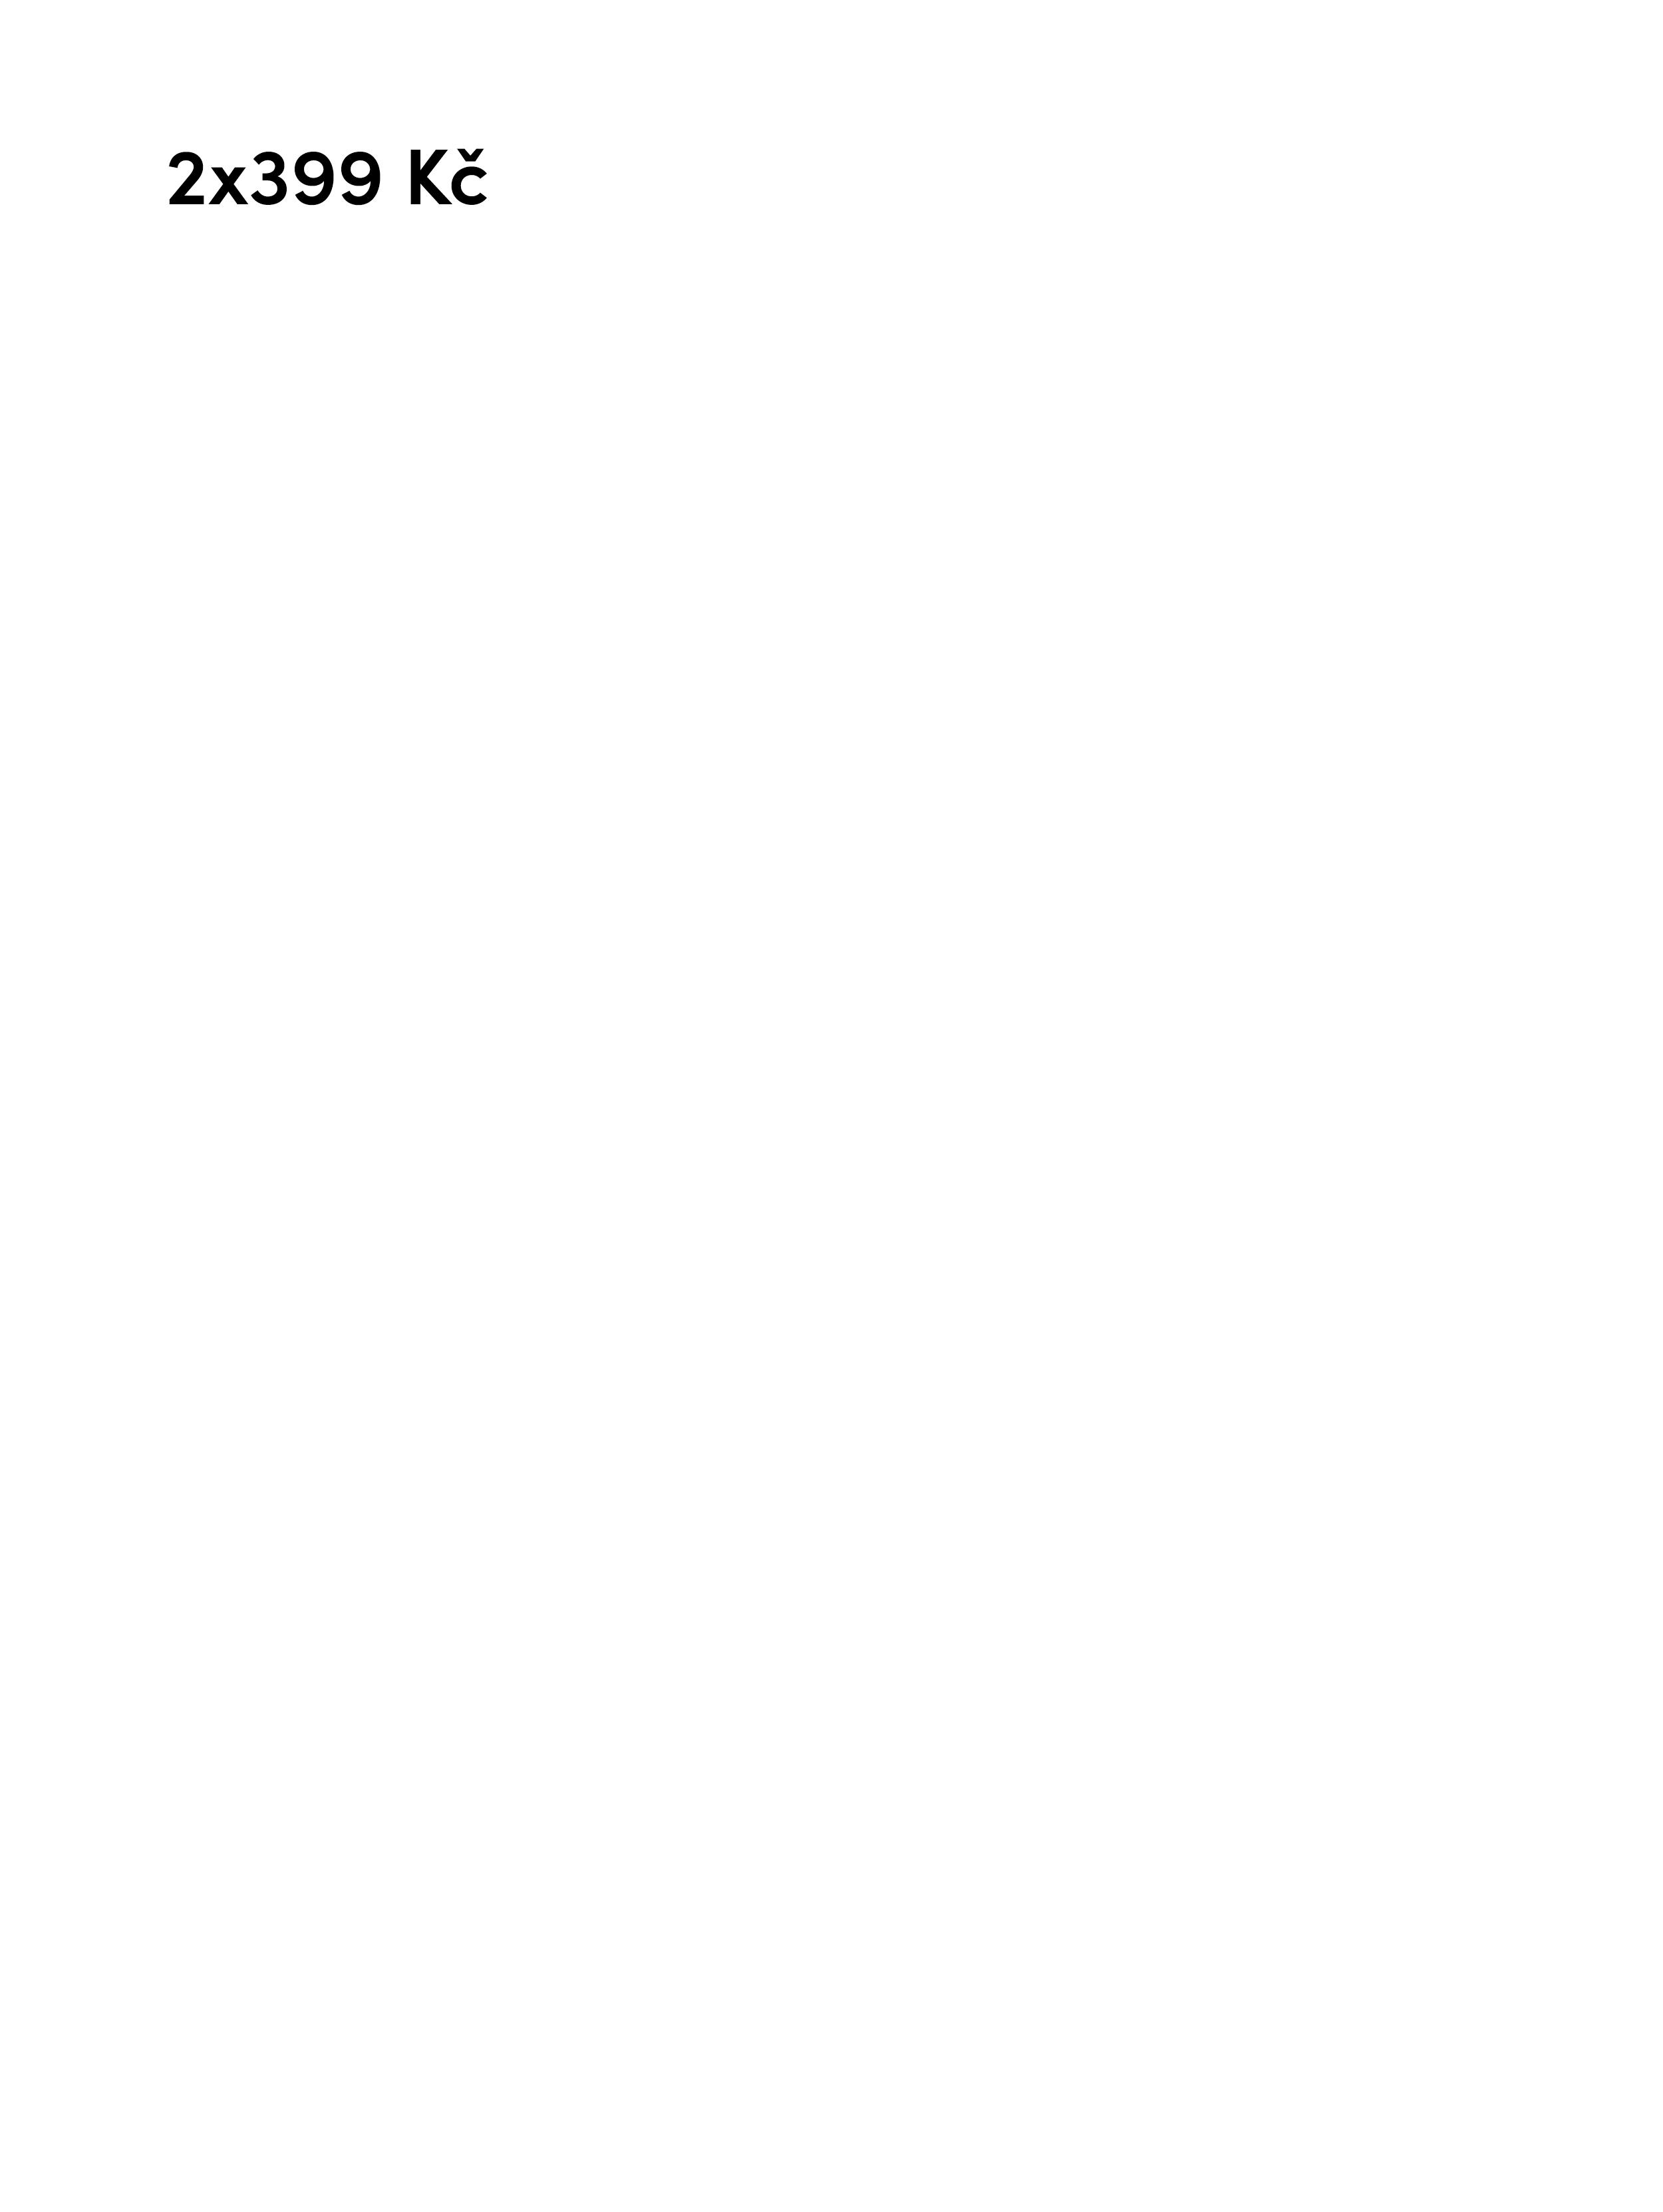 CZ_2x399